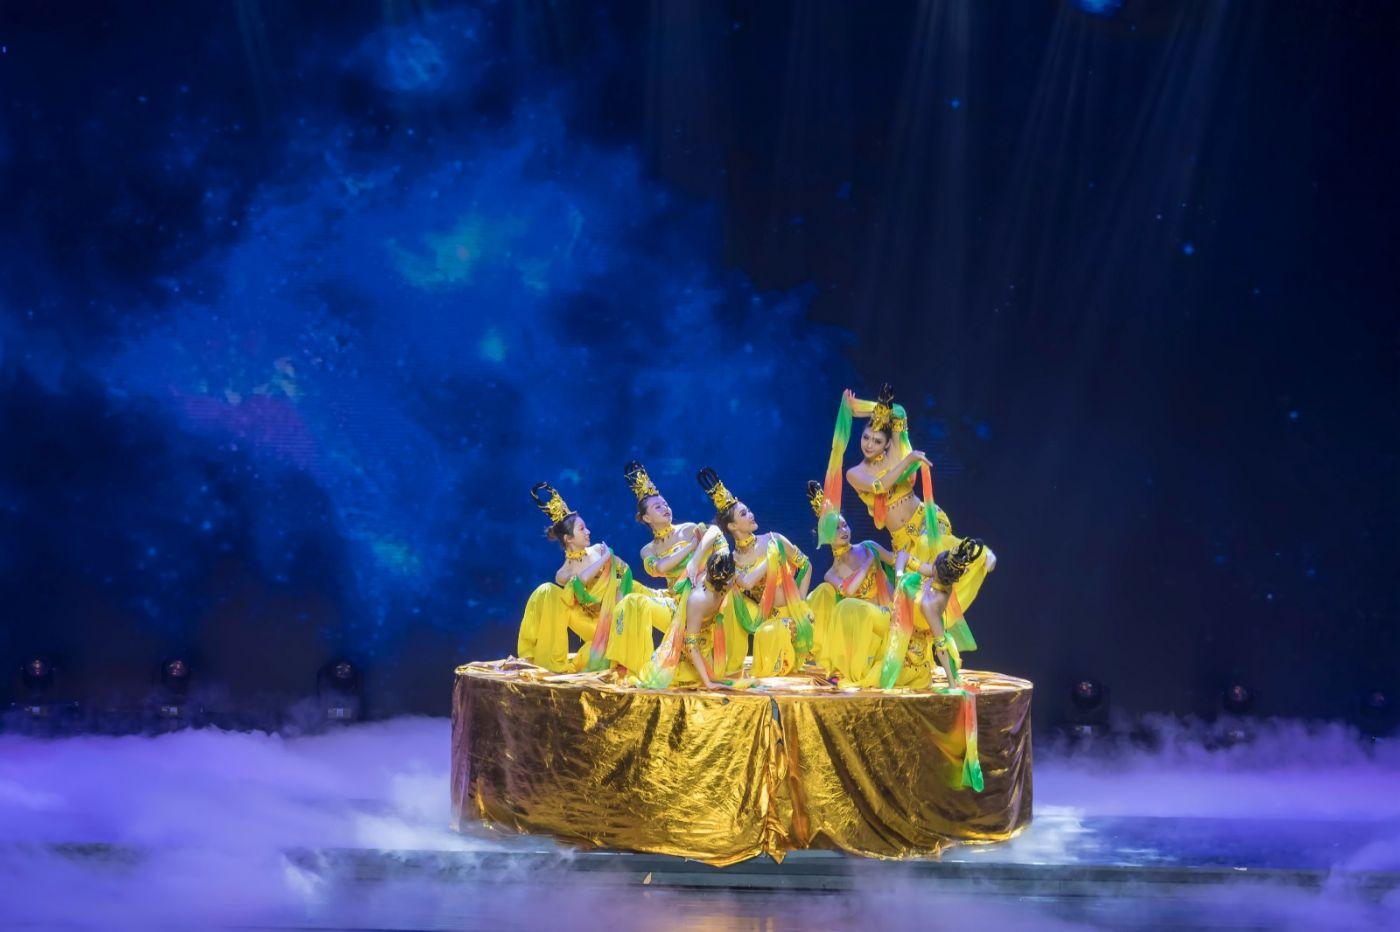 沂蒙大地上 有一种舞蹈叫飞天 这是几位临沂女孩的杰作 美轮美奂 ..._图1-72